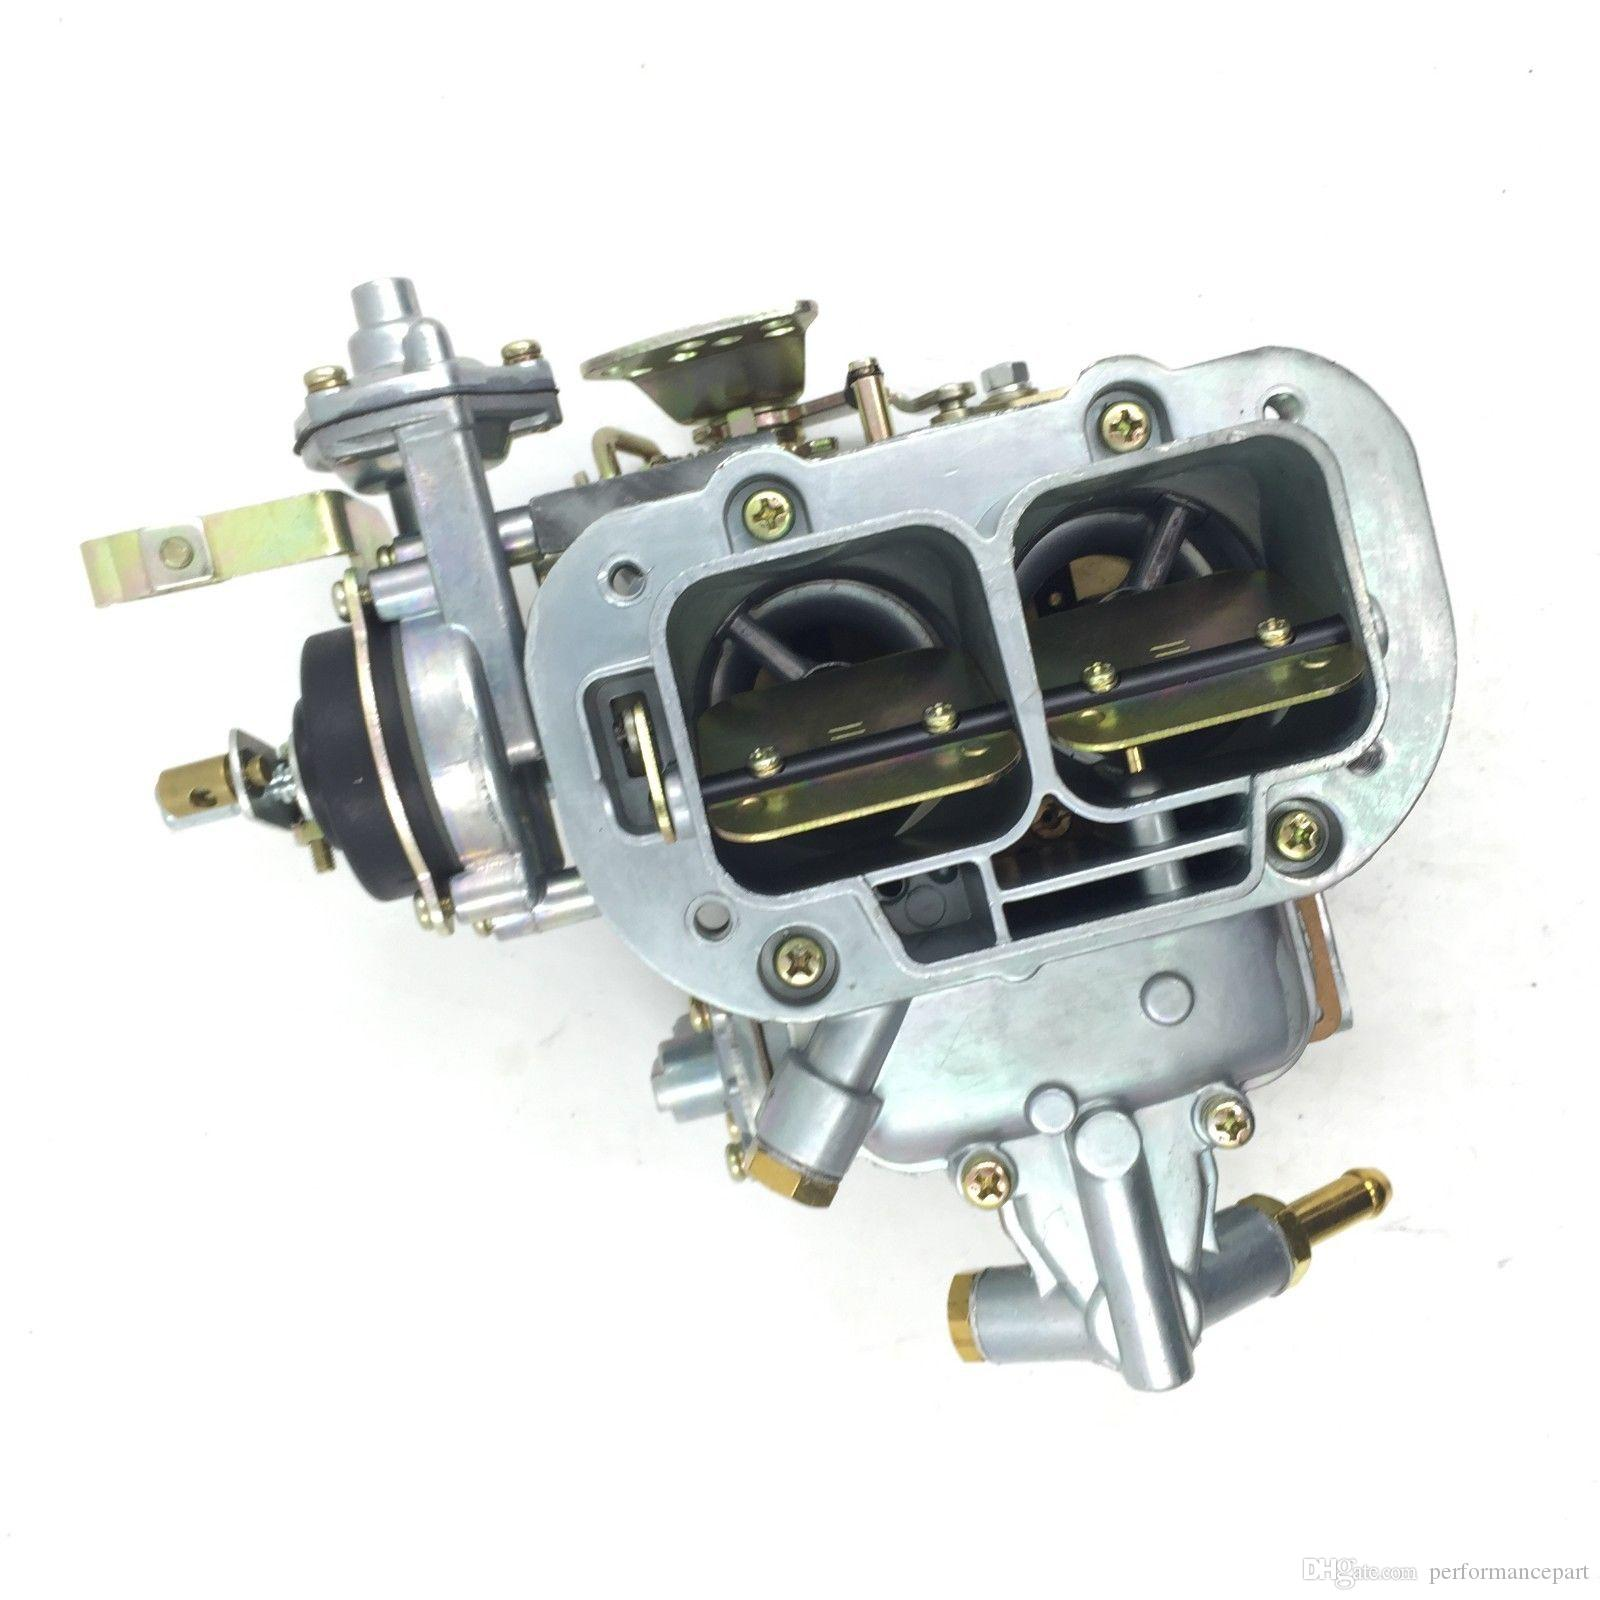 2018 fajs 32 36dgv manual choke rep weber empi solex carburetor rh dhgate com Solex 1 Barrel Carburetor Solex the Call of Wild